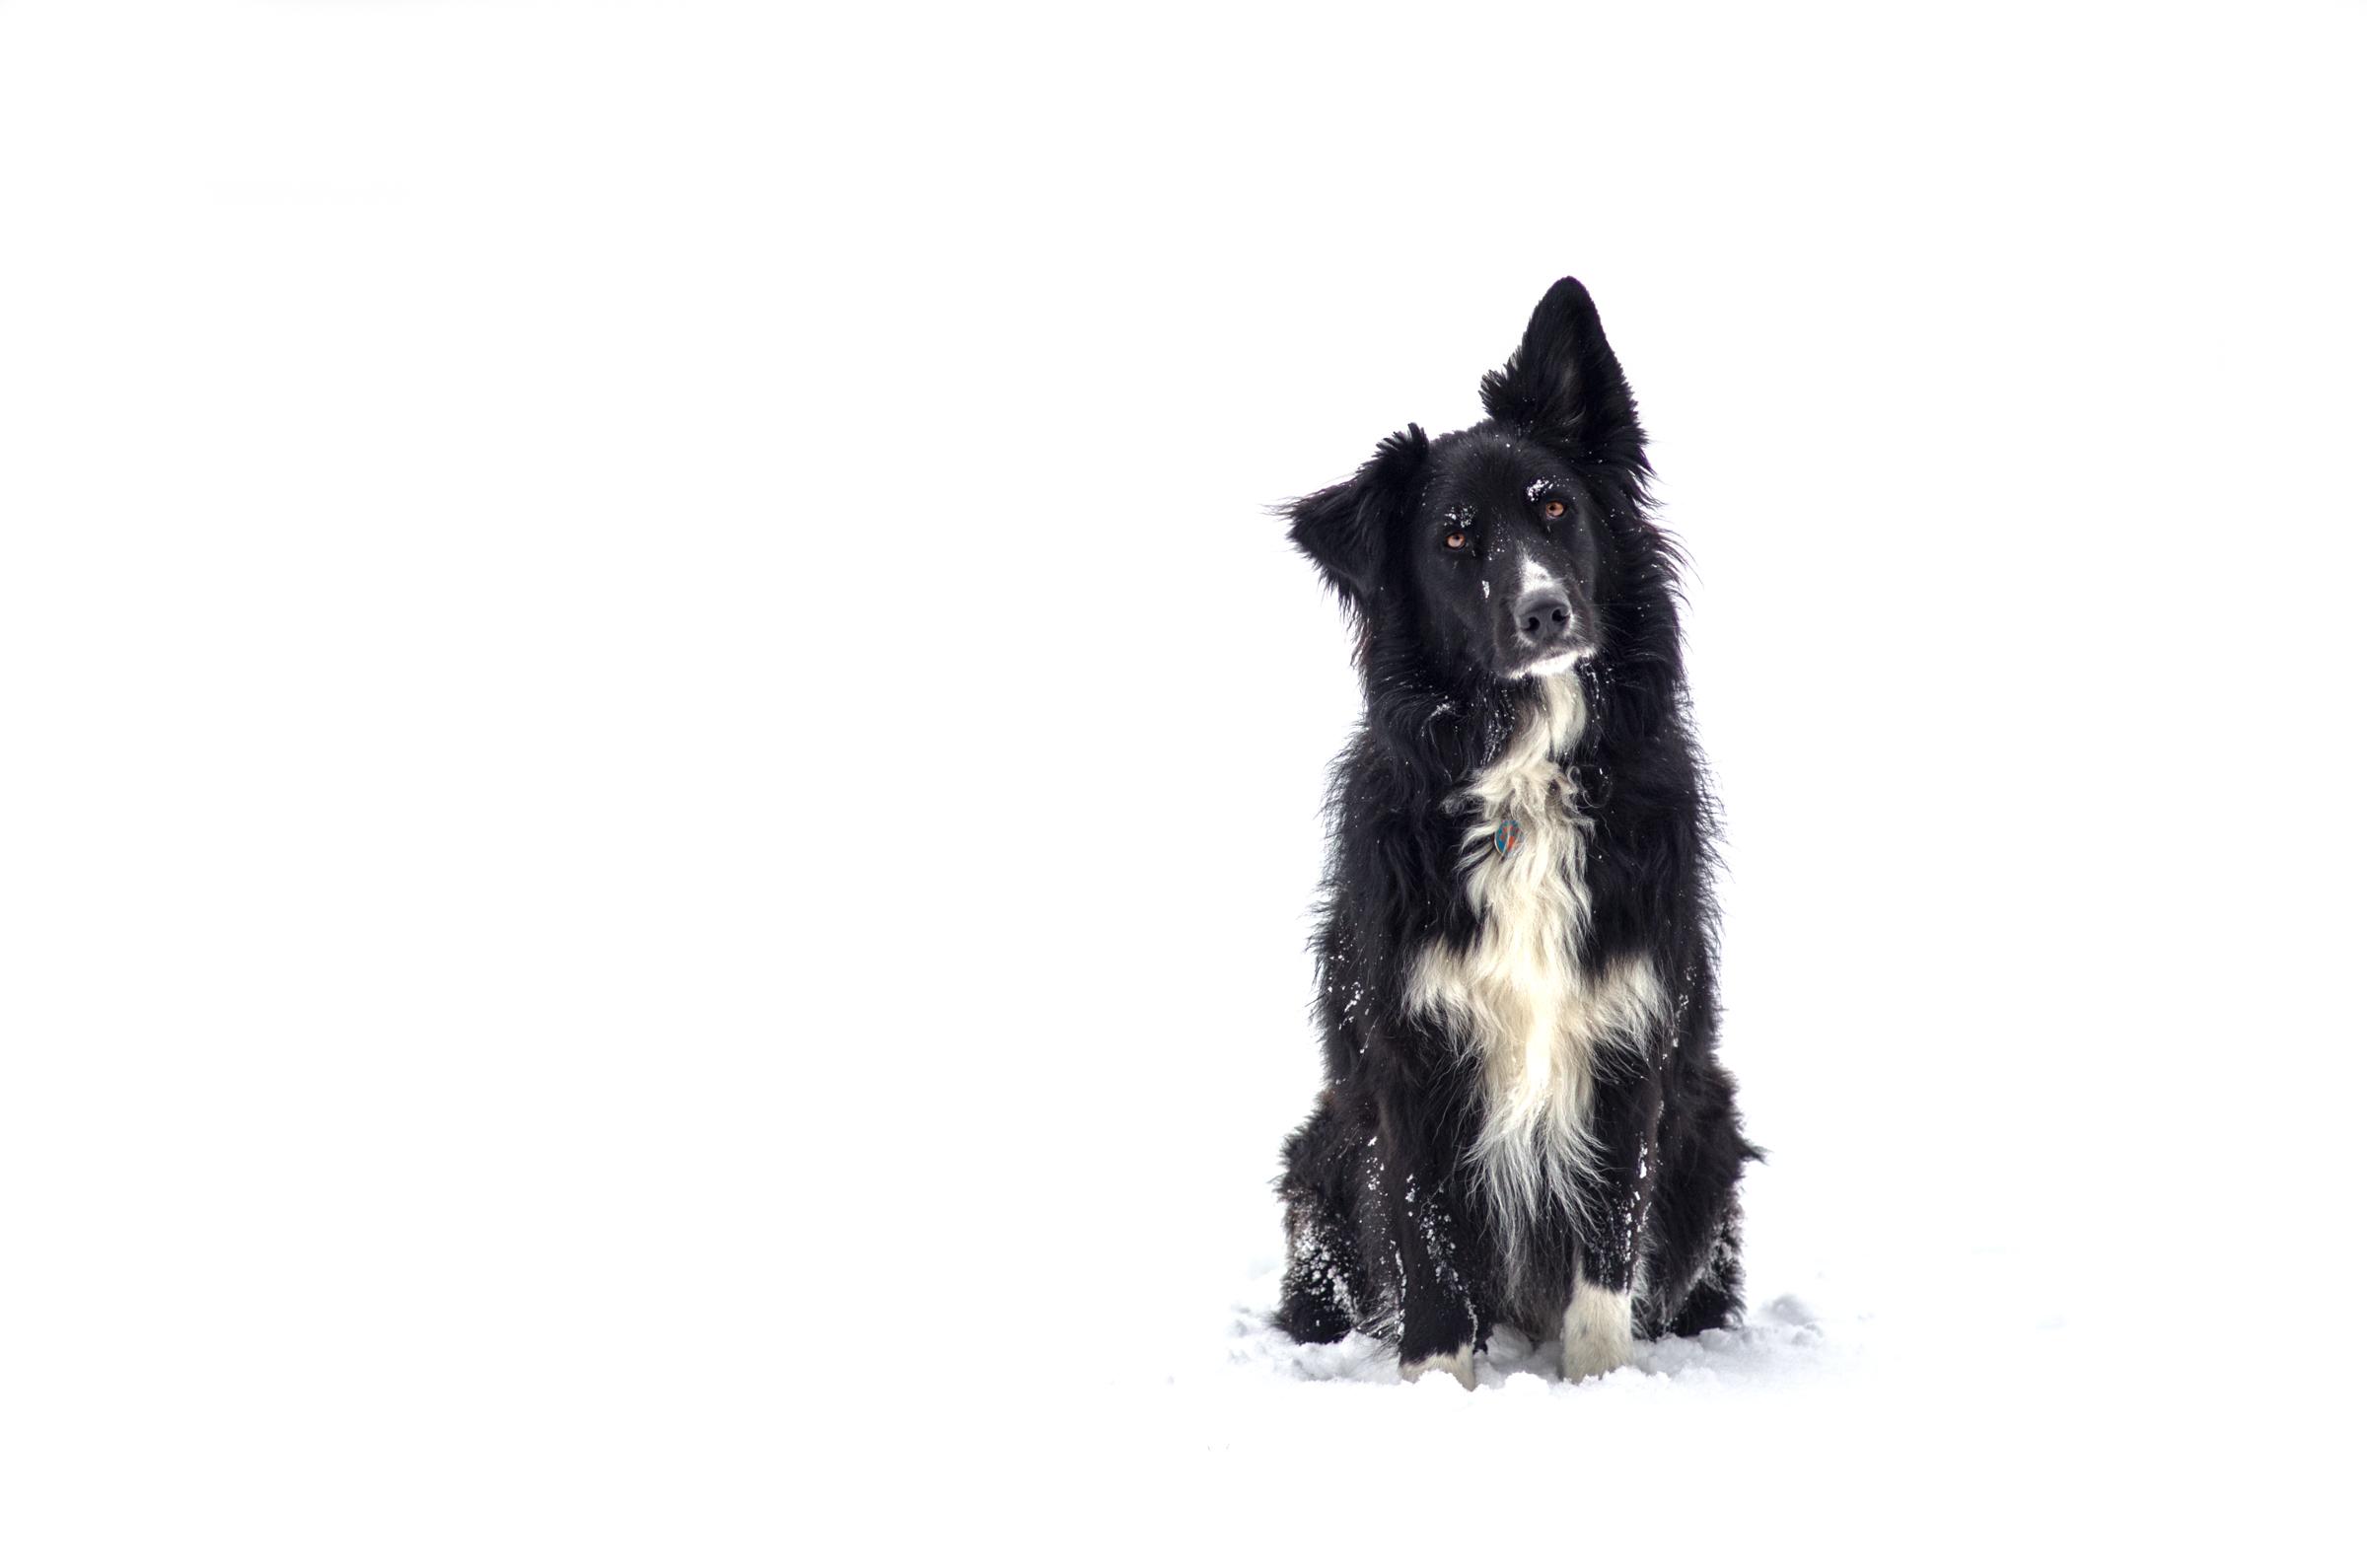 Pr1mo in de sneeuw